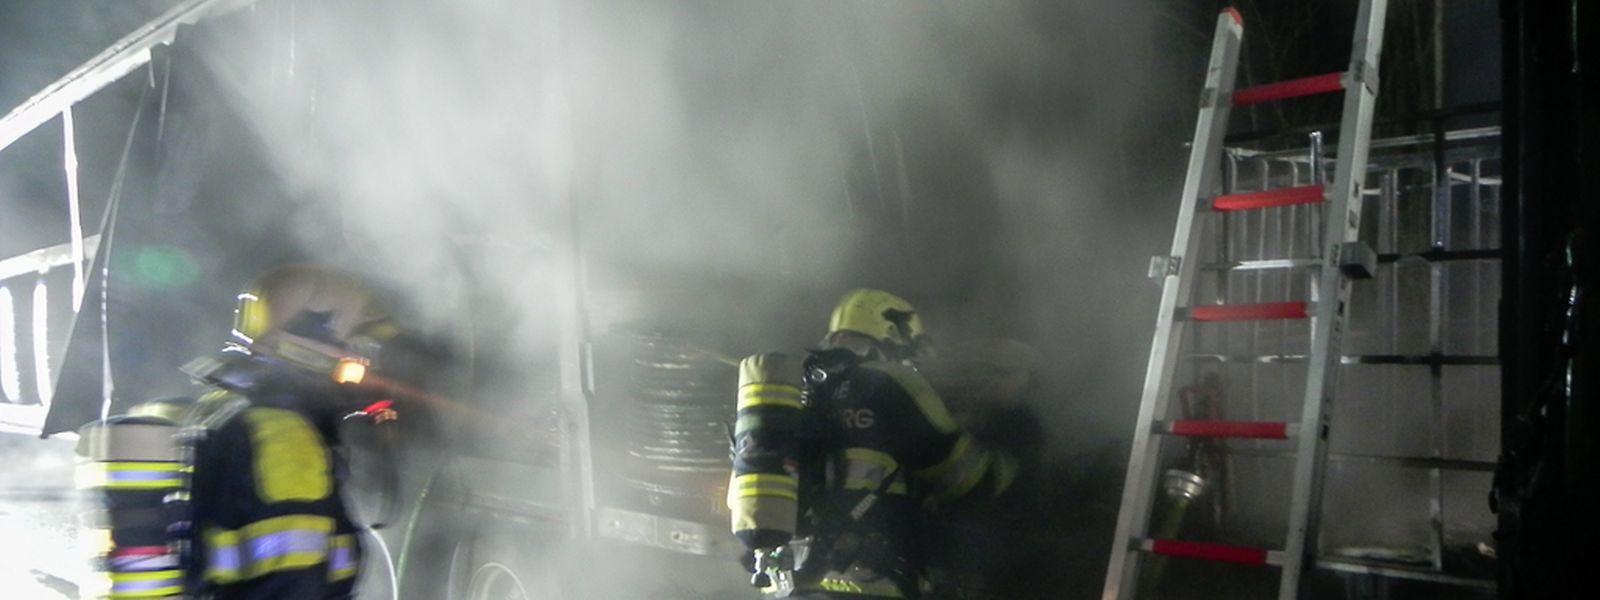 Ein Teil der Ladung wurde durch den Brand beschädigt.